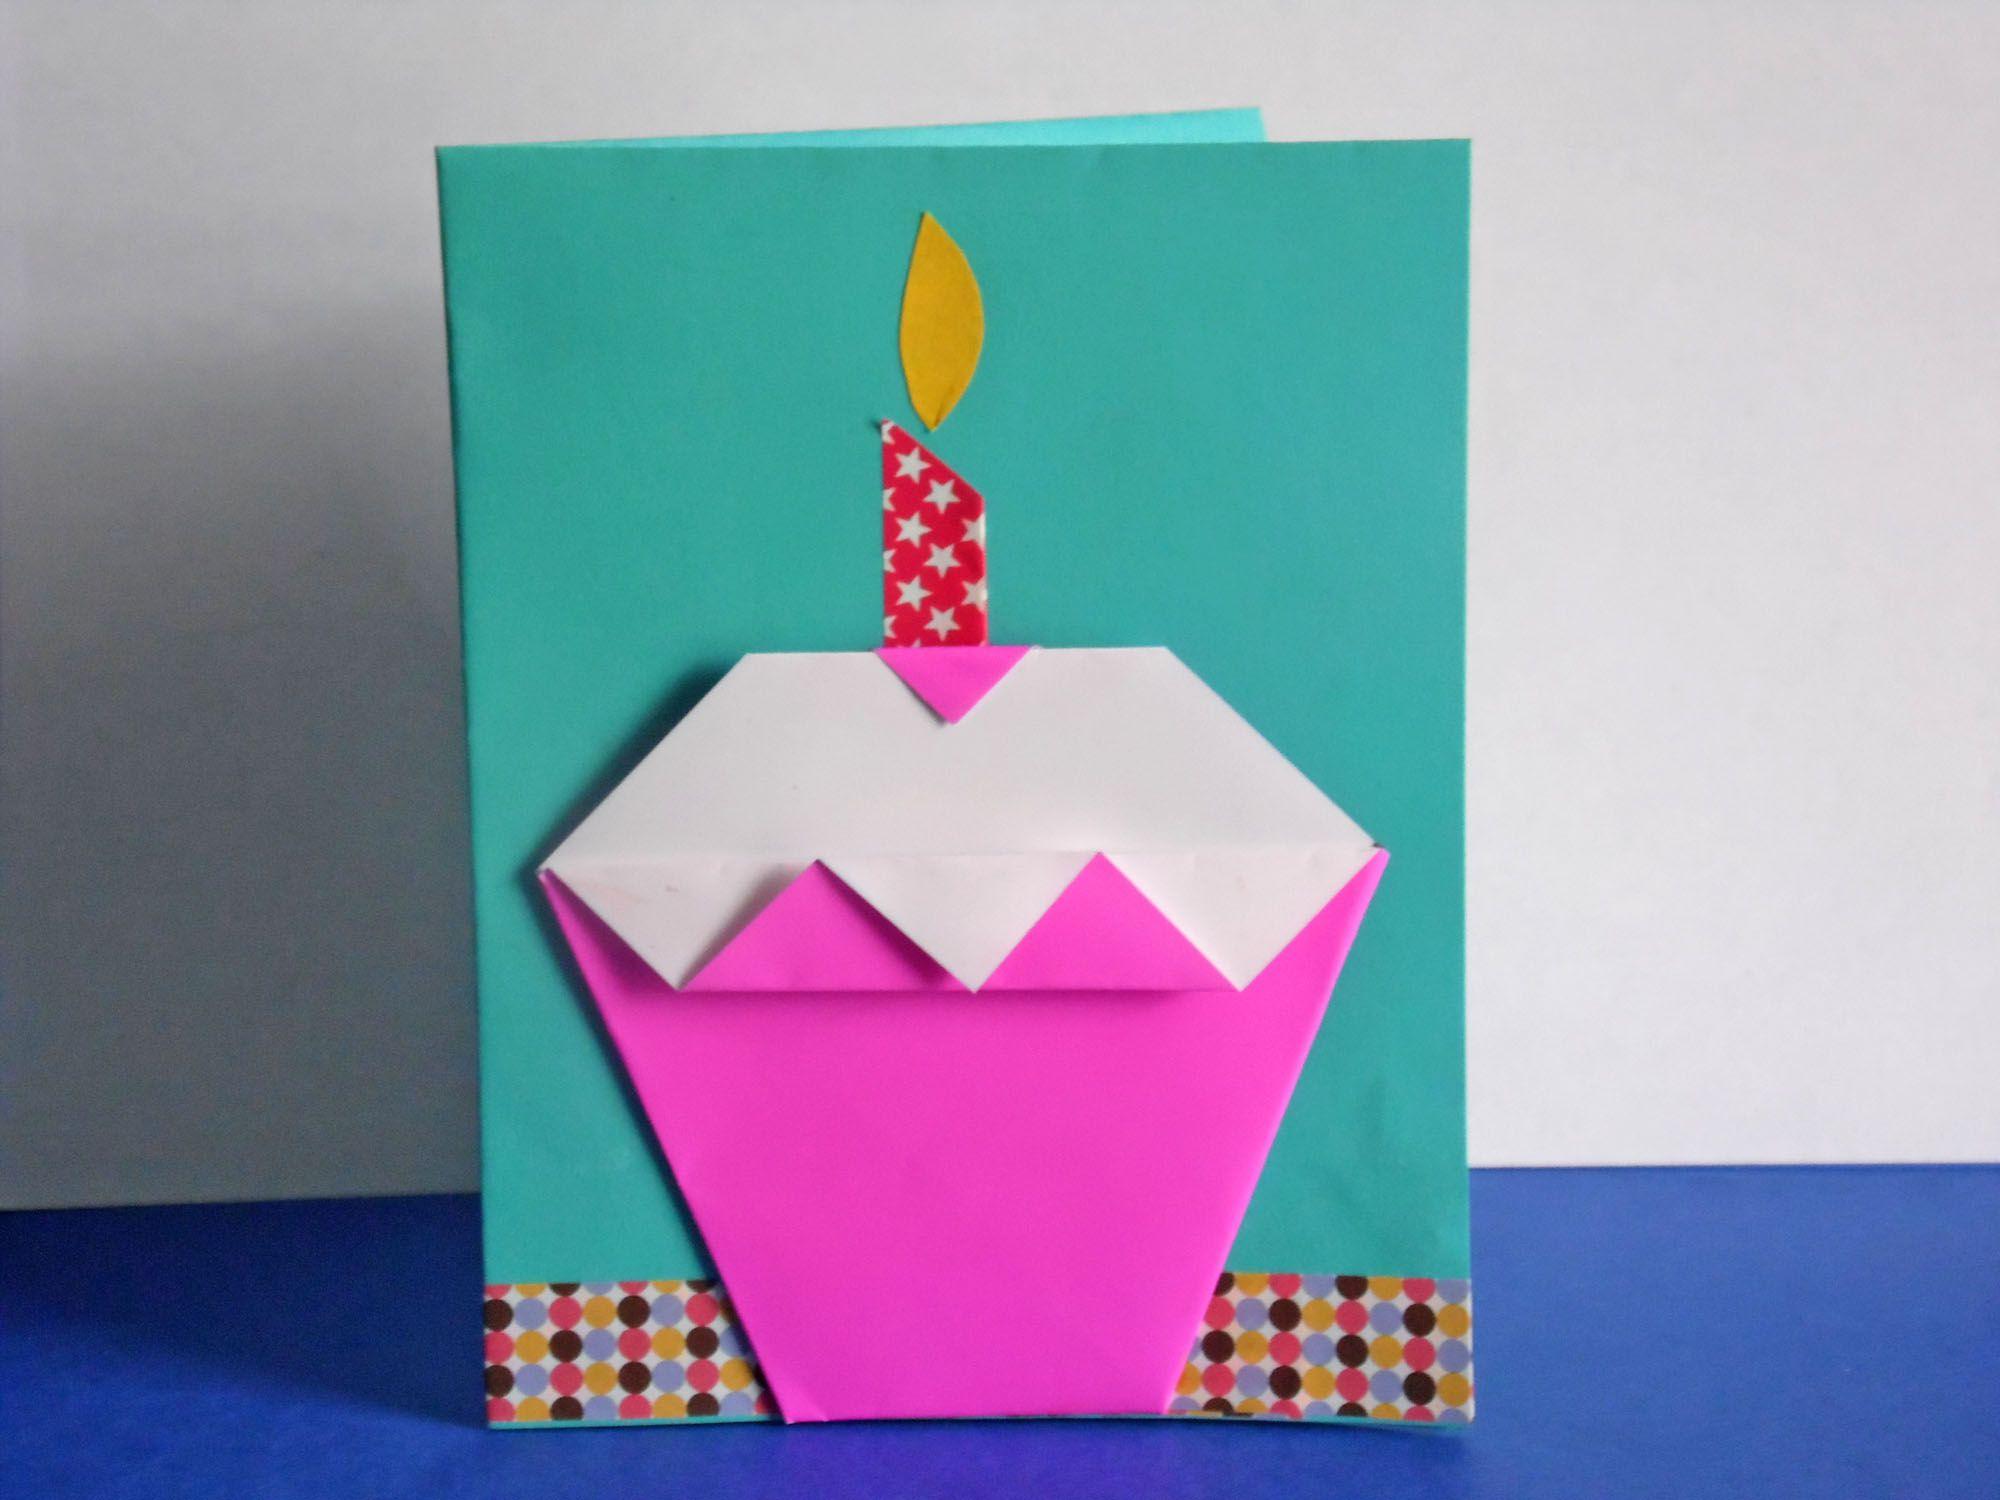 Оригами открытка для мальчика на день рождения, праздником вербная